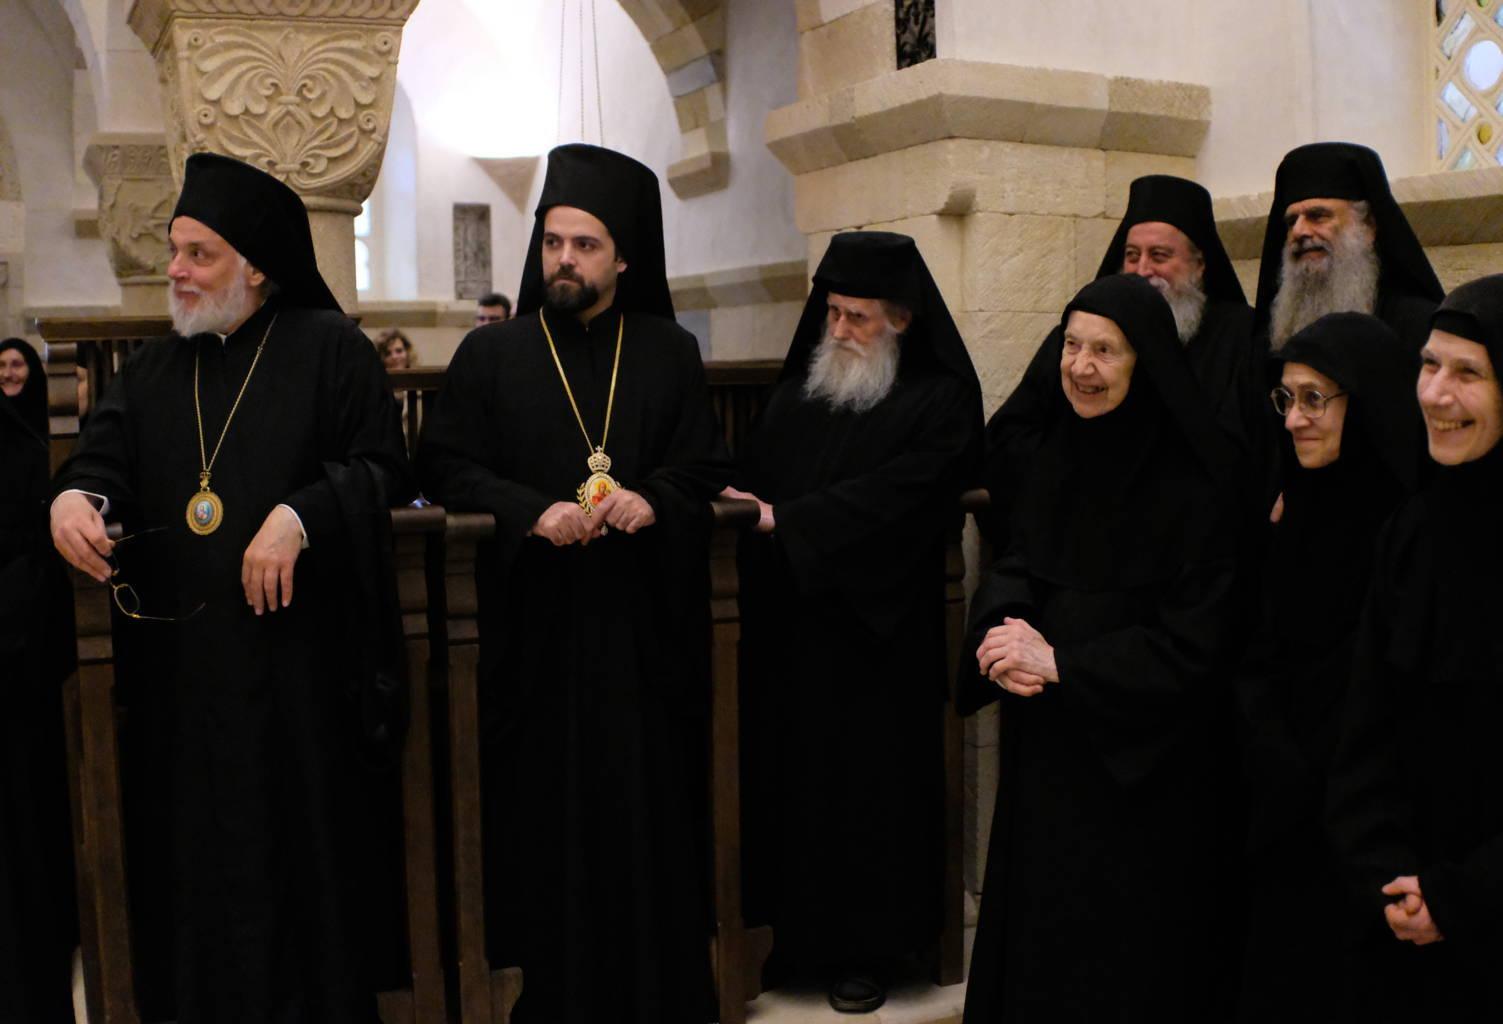 12 10 2019 18 - Λαμπρά εγκαίνια του Καθολικού της Ι. Μονής Αγίας Σκέπης Σολάν